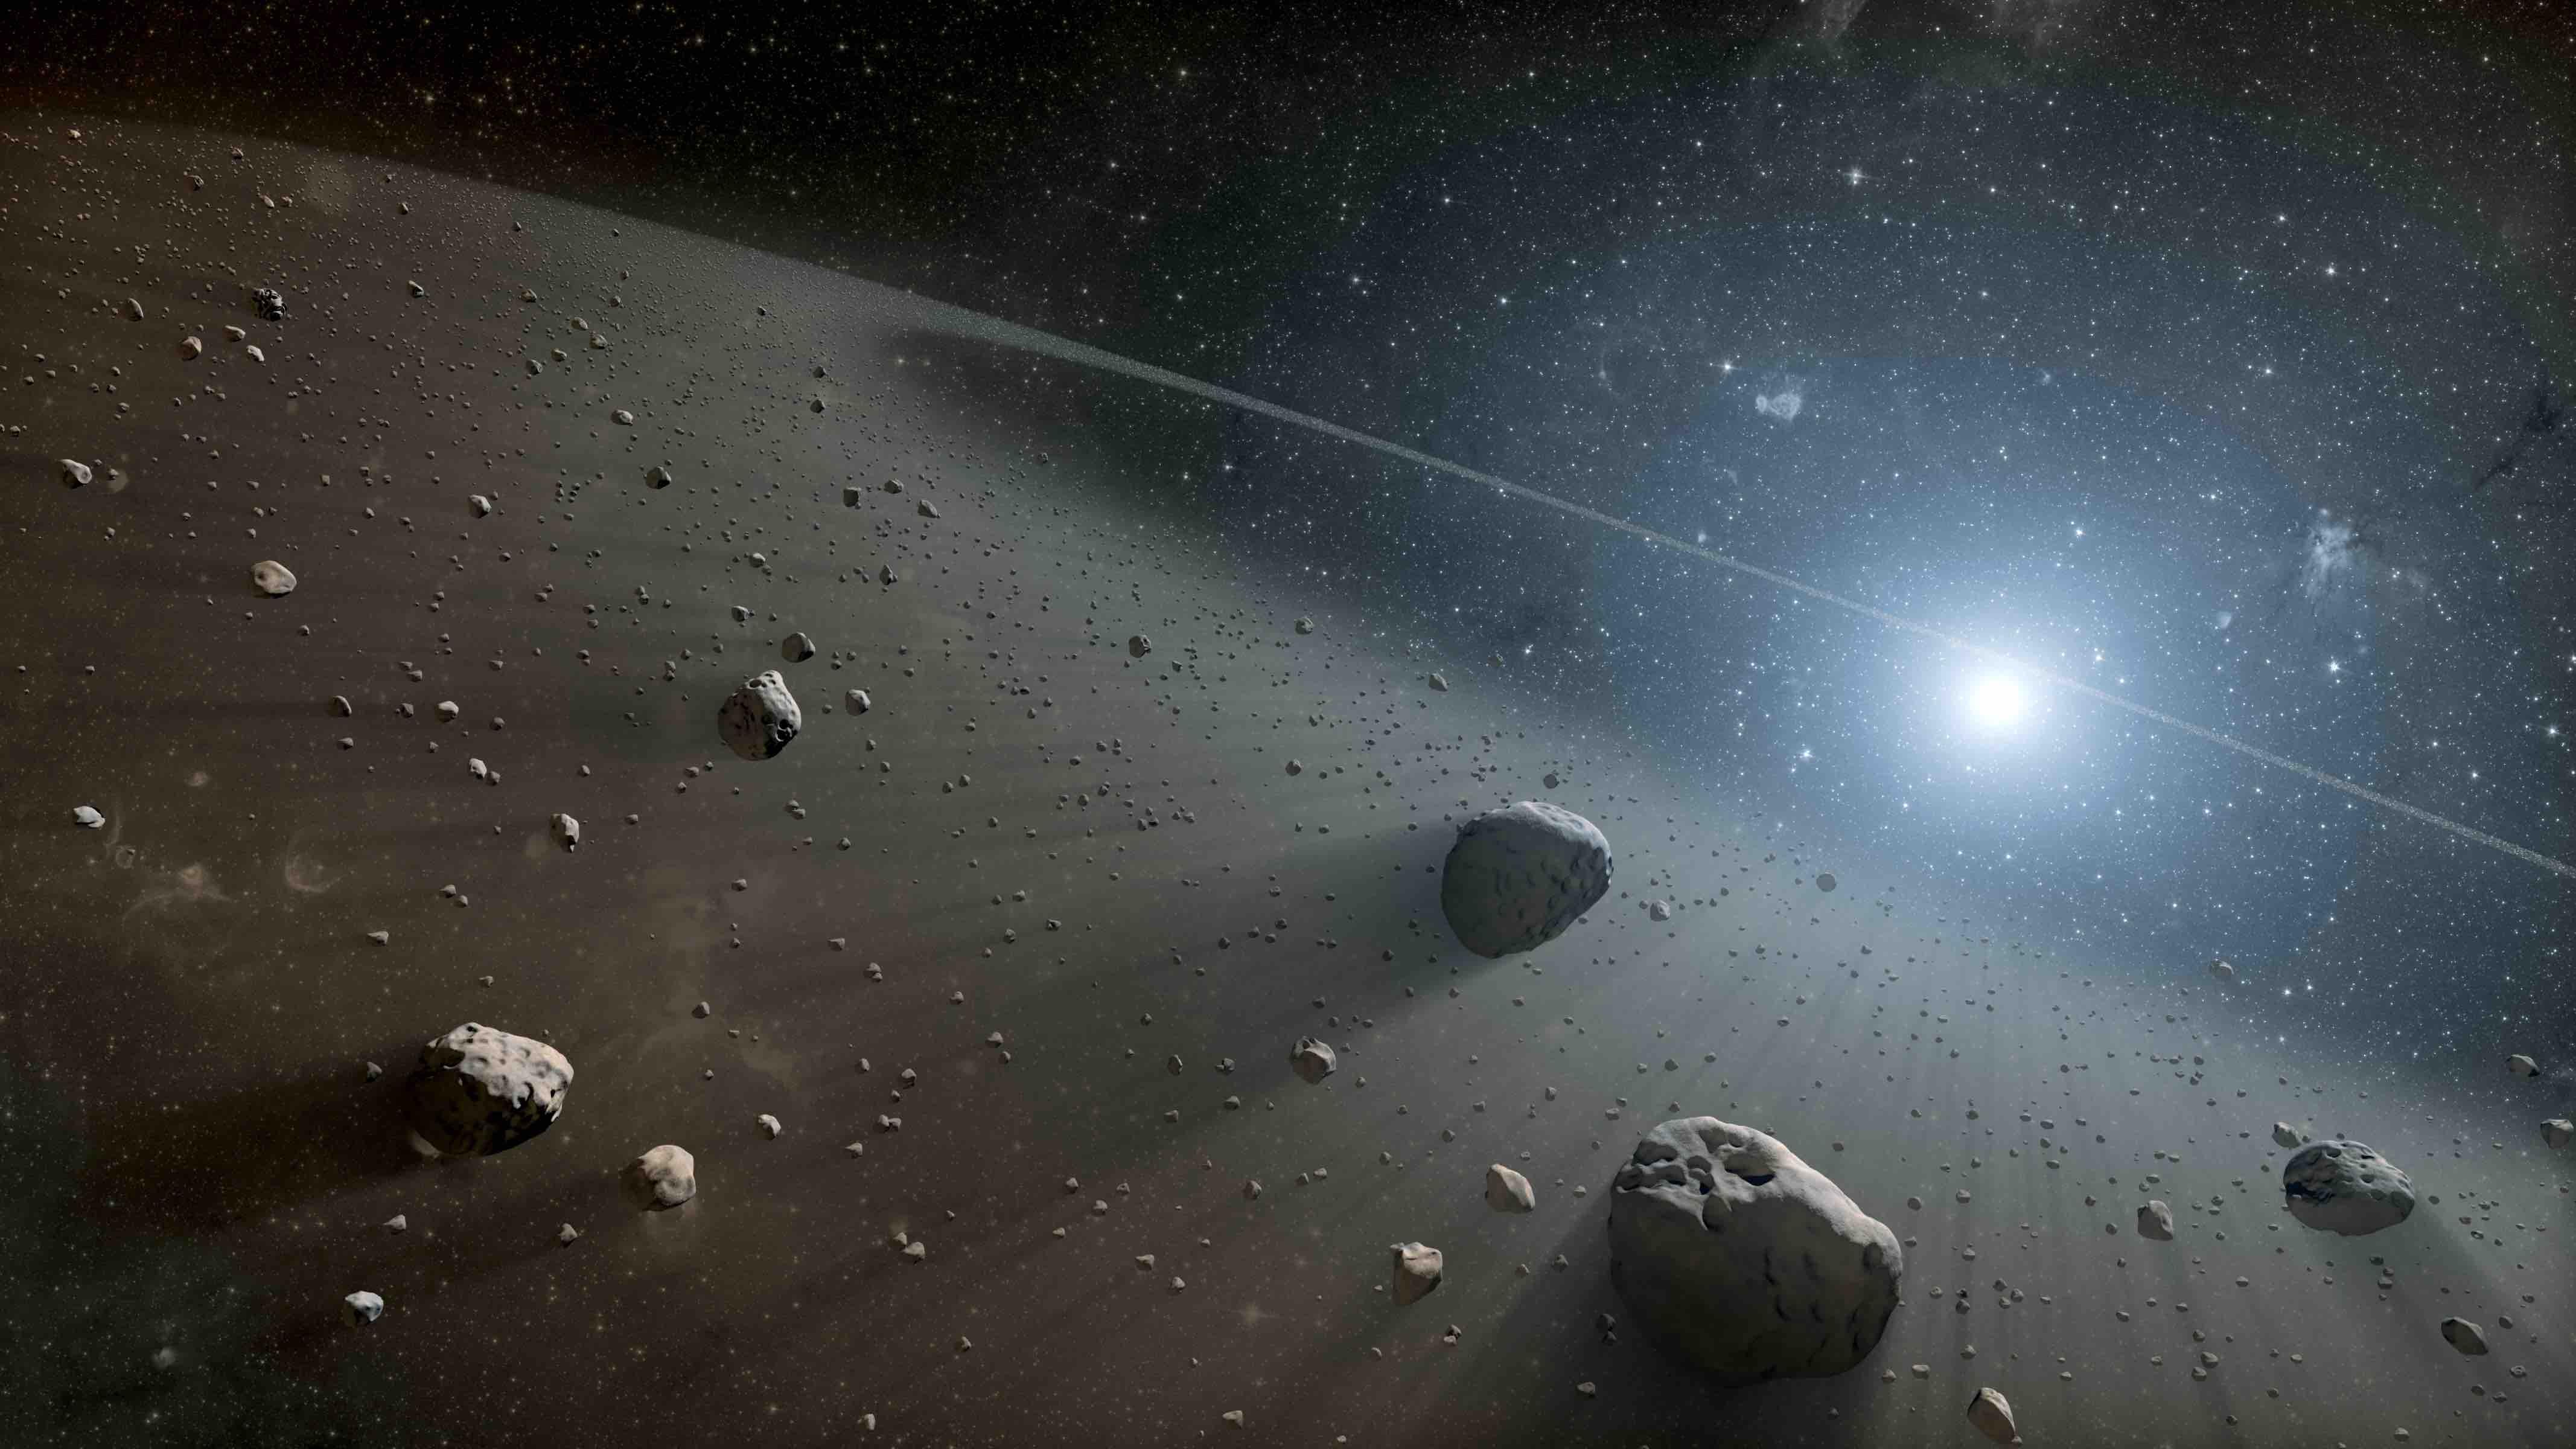 Sm-nasa-asteroids-vega_small